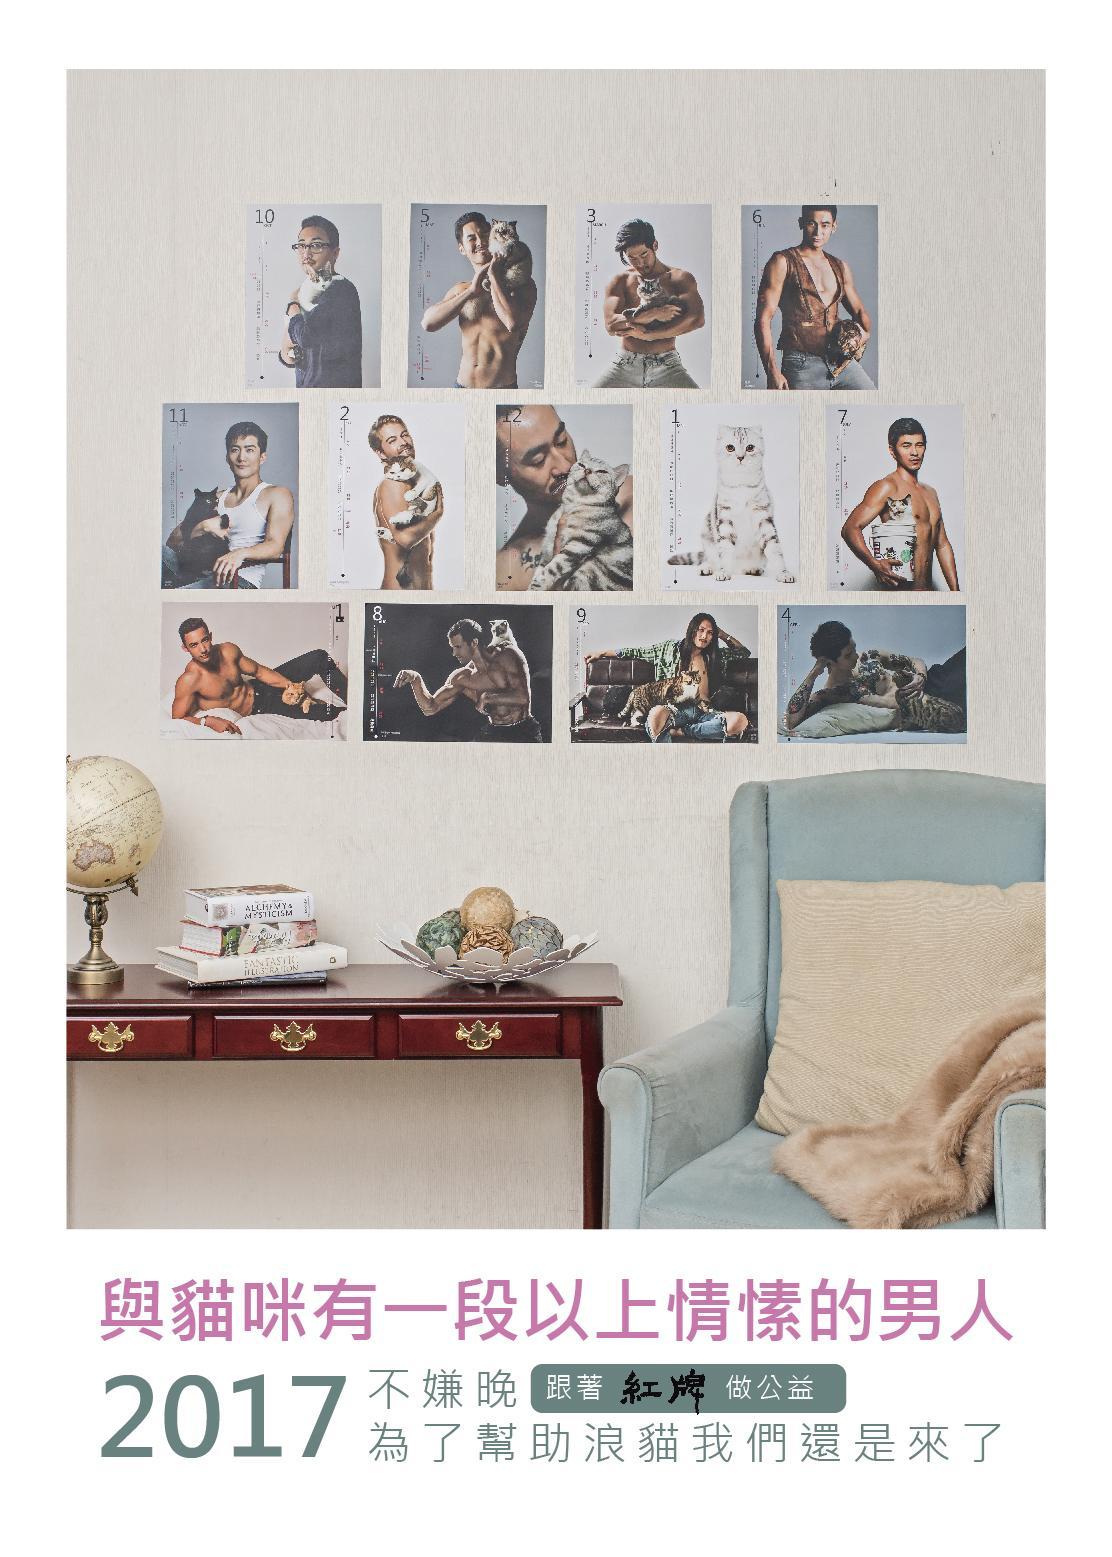 紅牌文創發起製作的「男人與貓」公益年曆,找來12位各行各業身材健壯的帥哥入鏡。